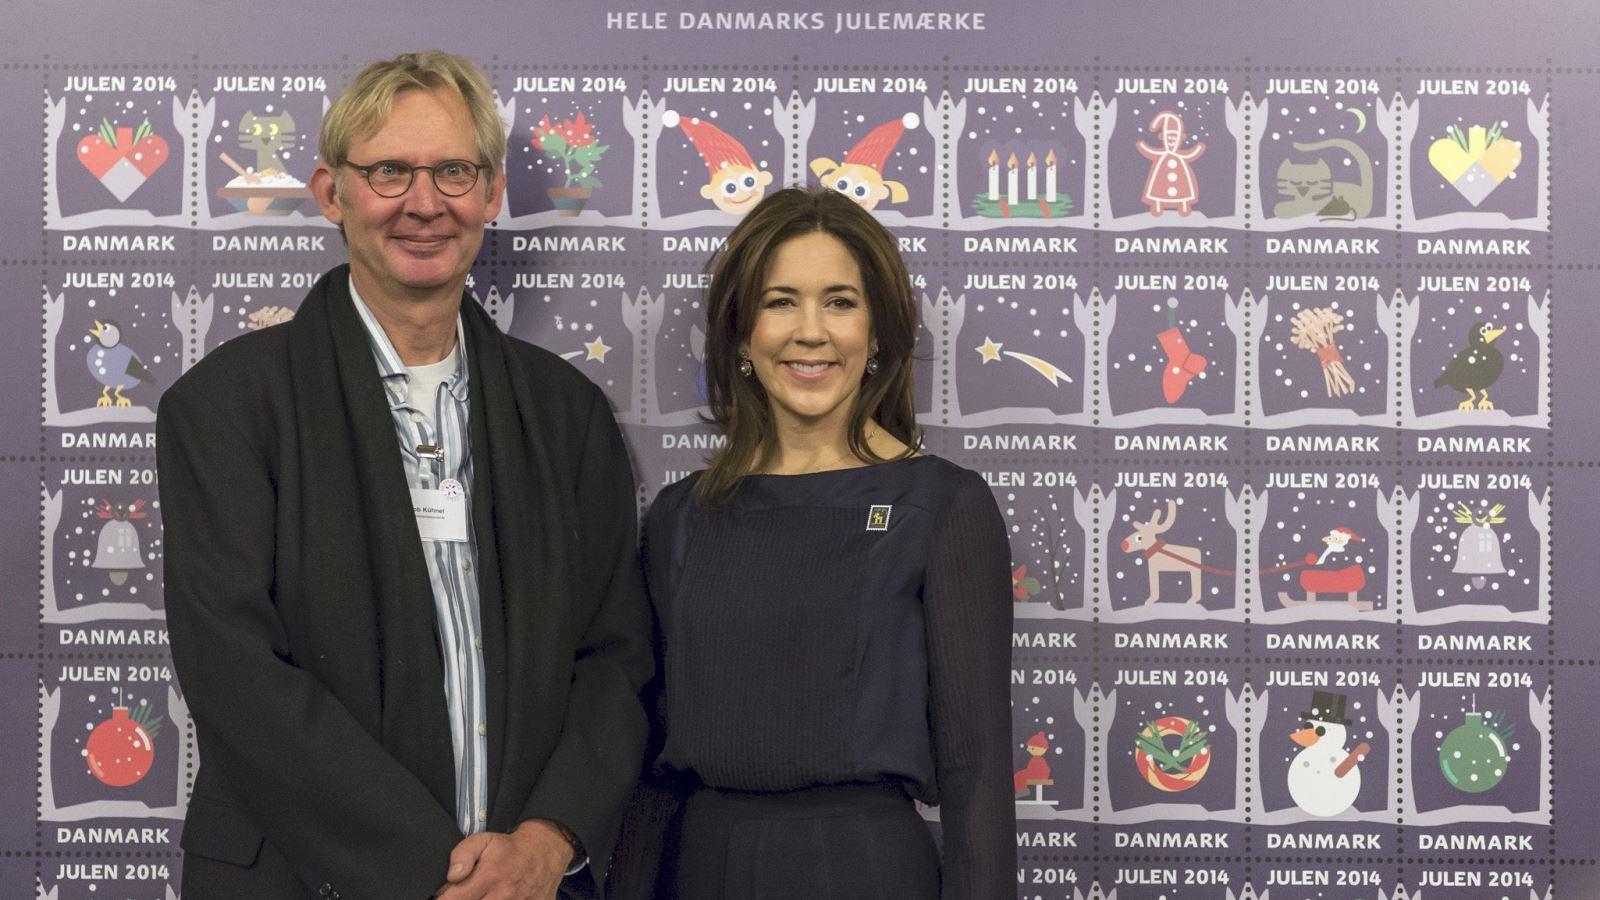 Julemaerket 2014 Jakob Kuhnel og Kronprinsesse Mary